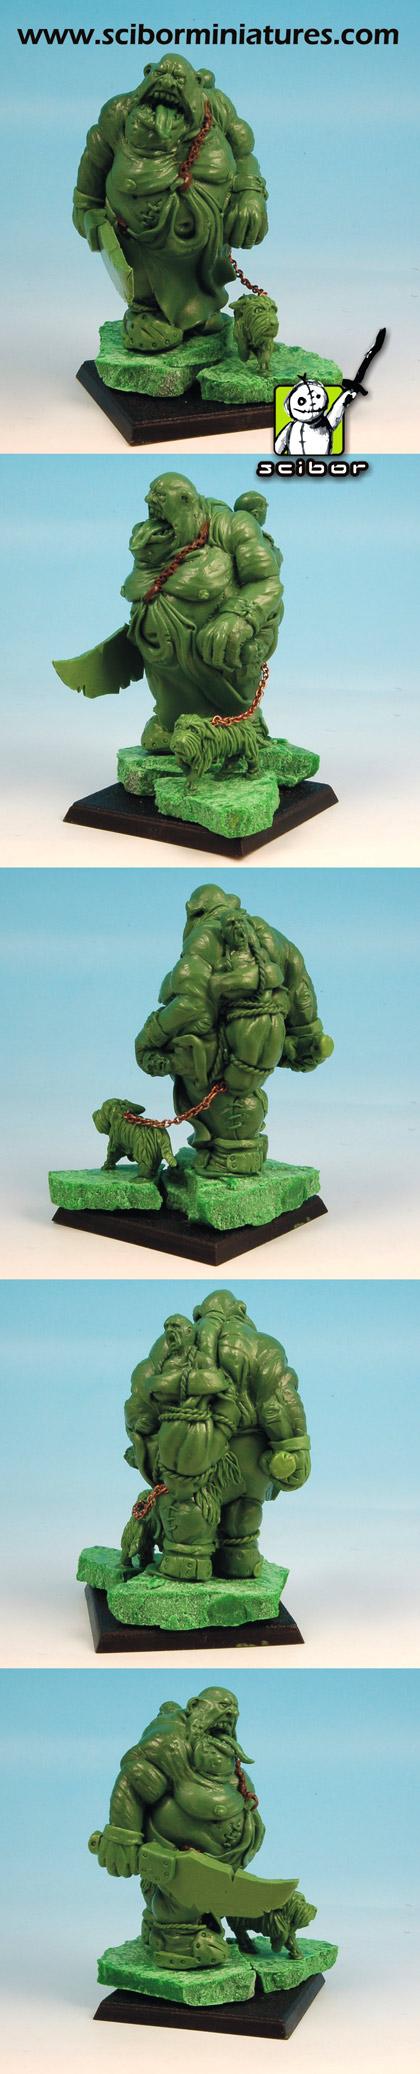 28mm scale Ogre Greenstuff Sculpture